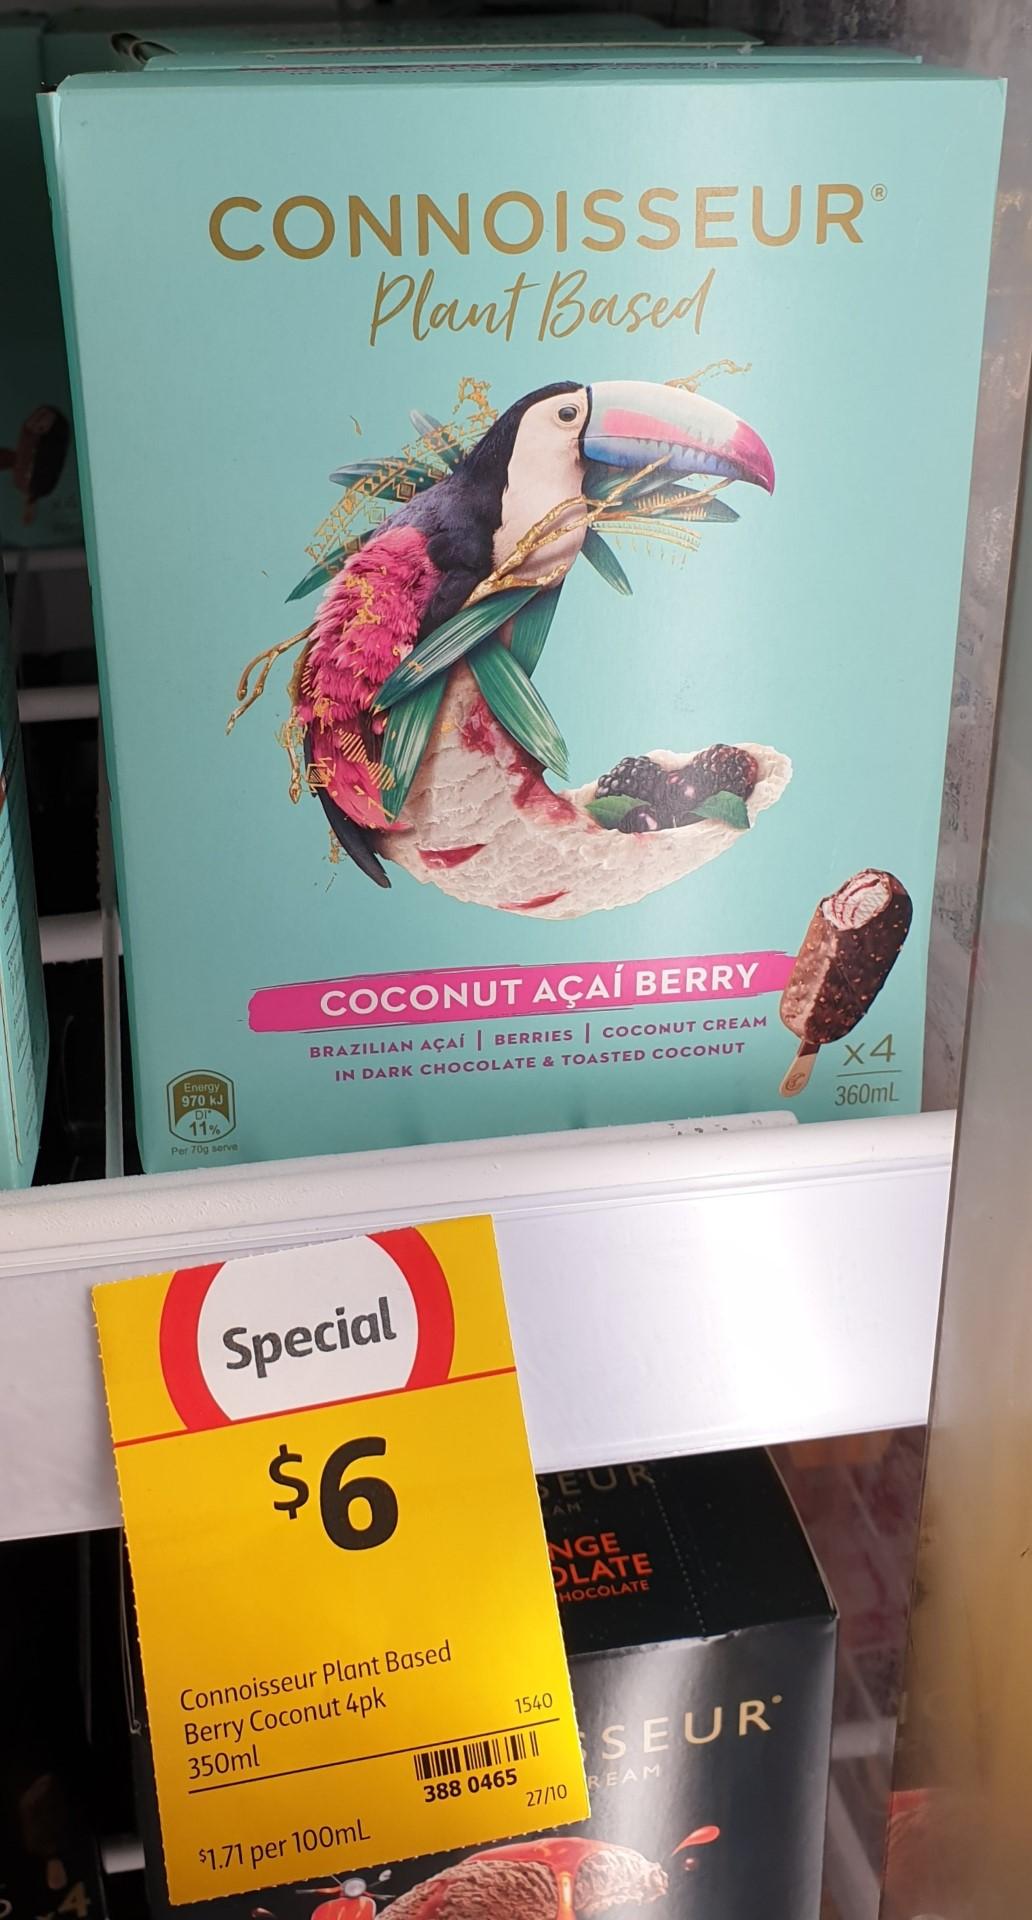 Connoisseur 350mL Plant Based Coconut Acai Berry